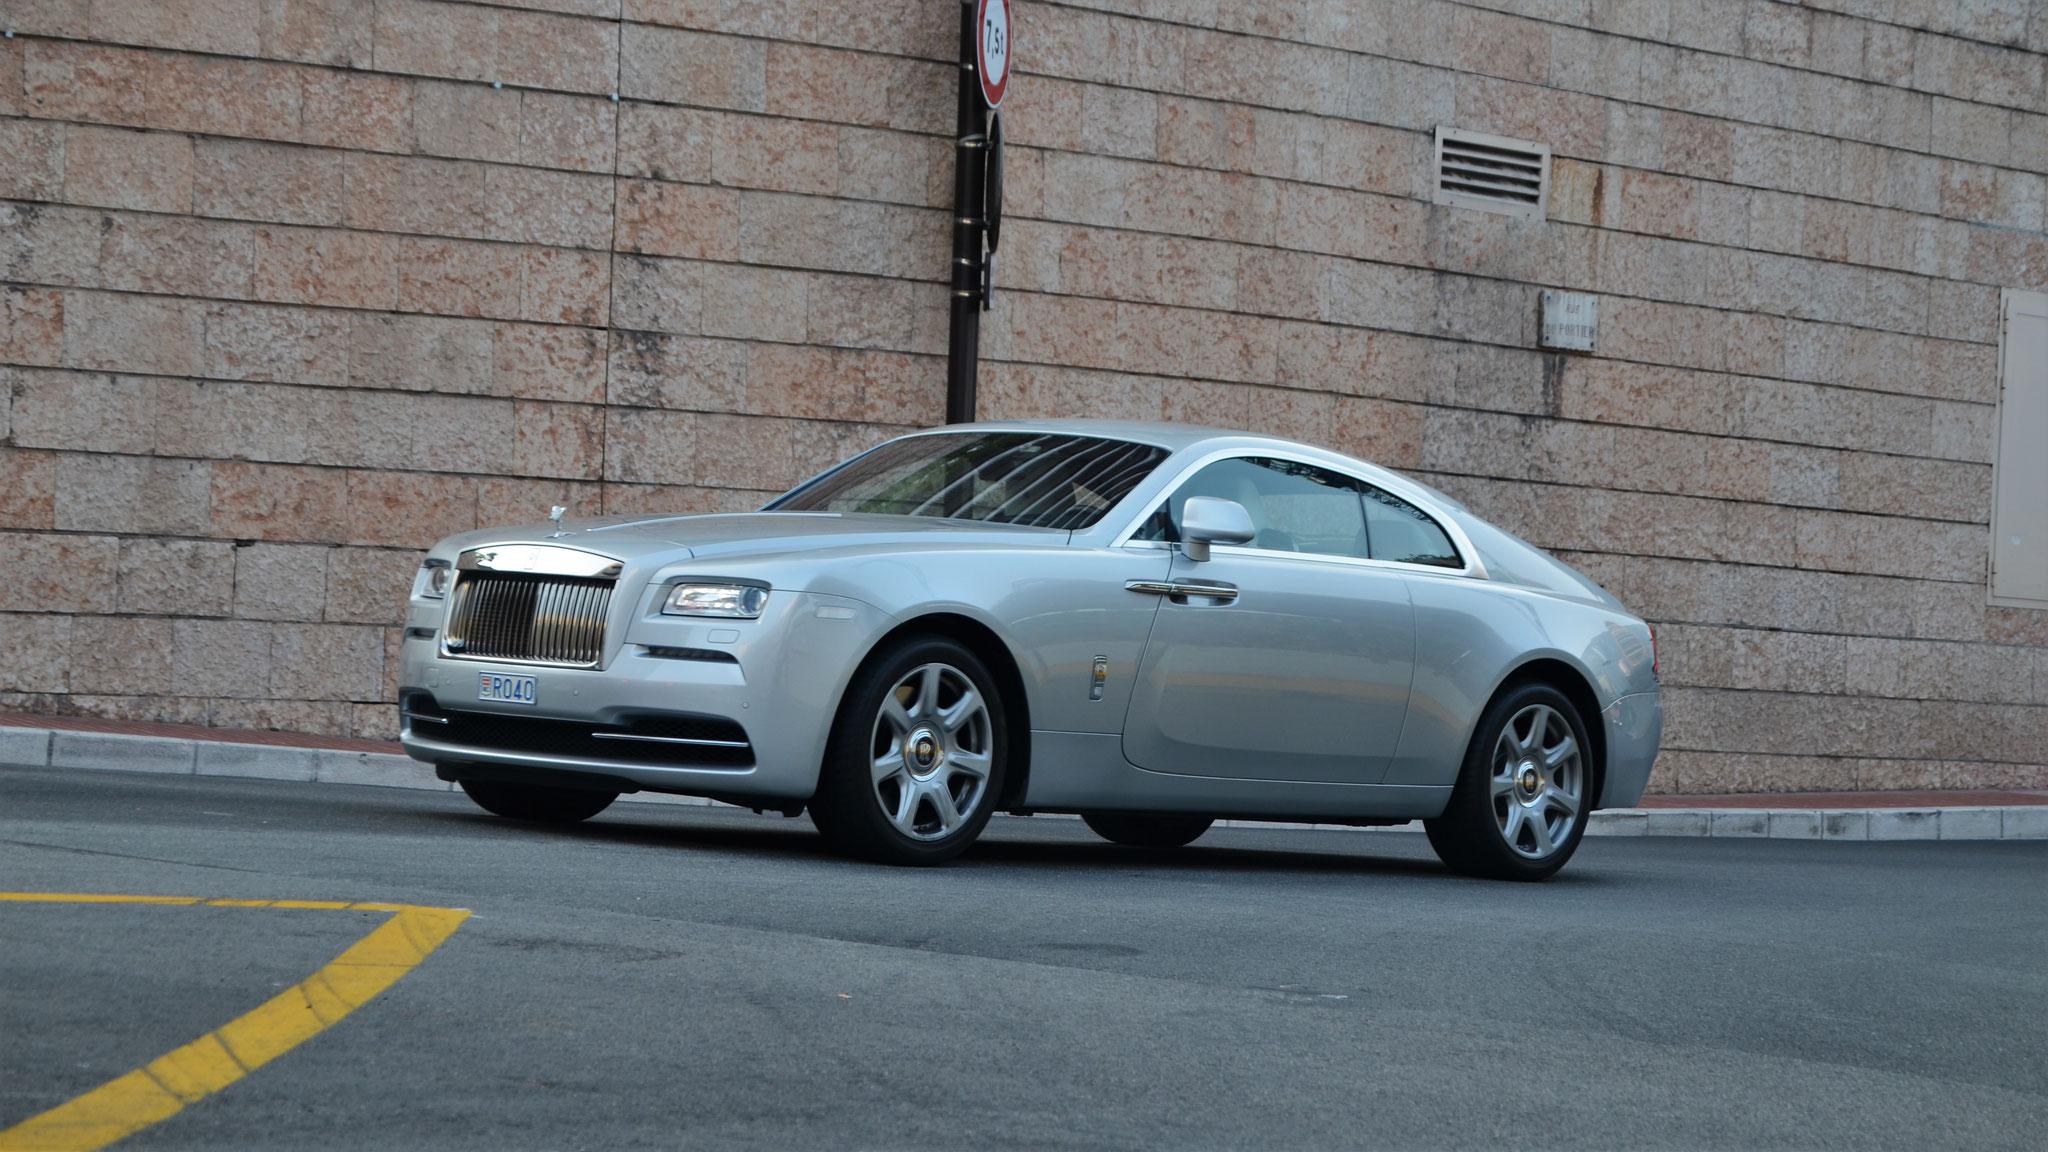 Rolls Royce Wraith - R040 (MC)